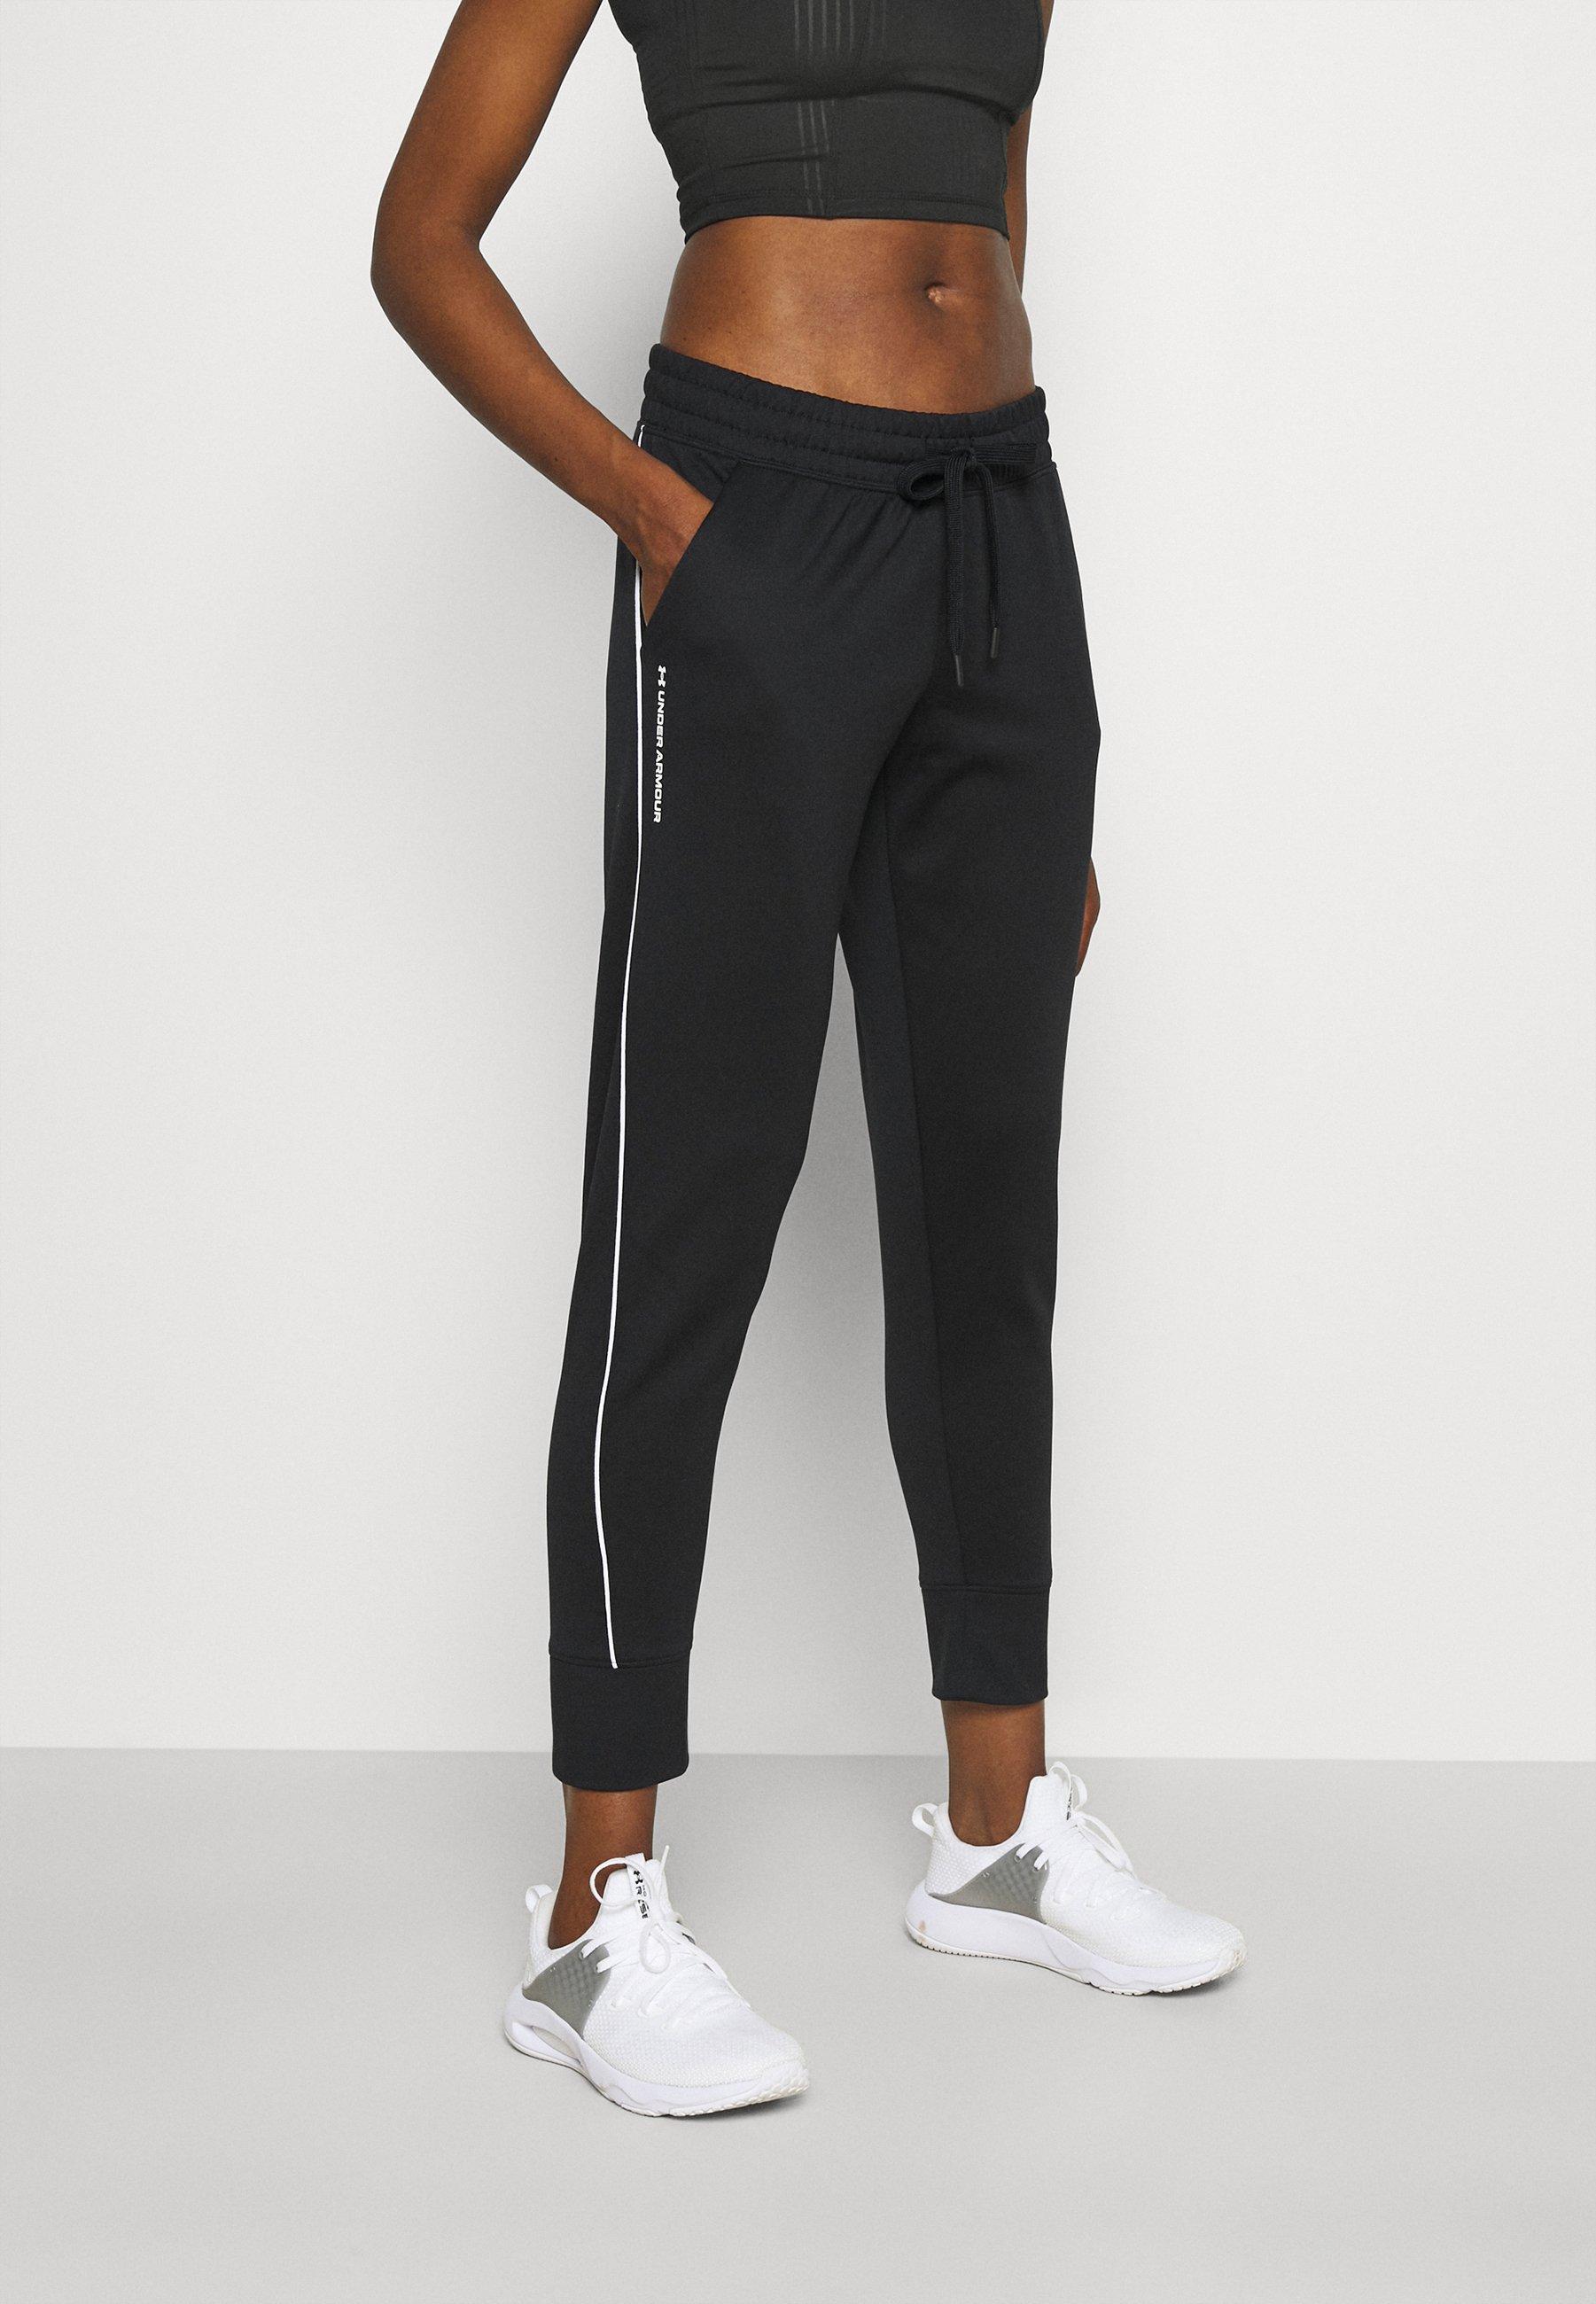 Femme RUSH TRICOT PANT - Pantalon de survêtement